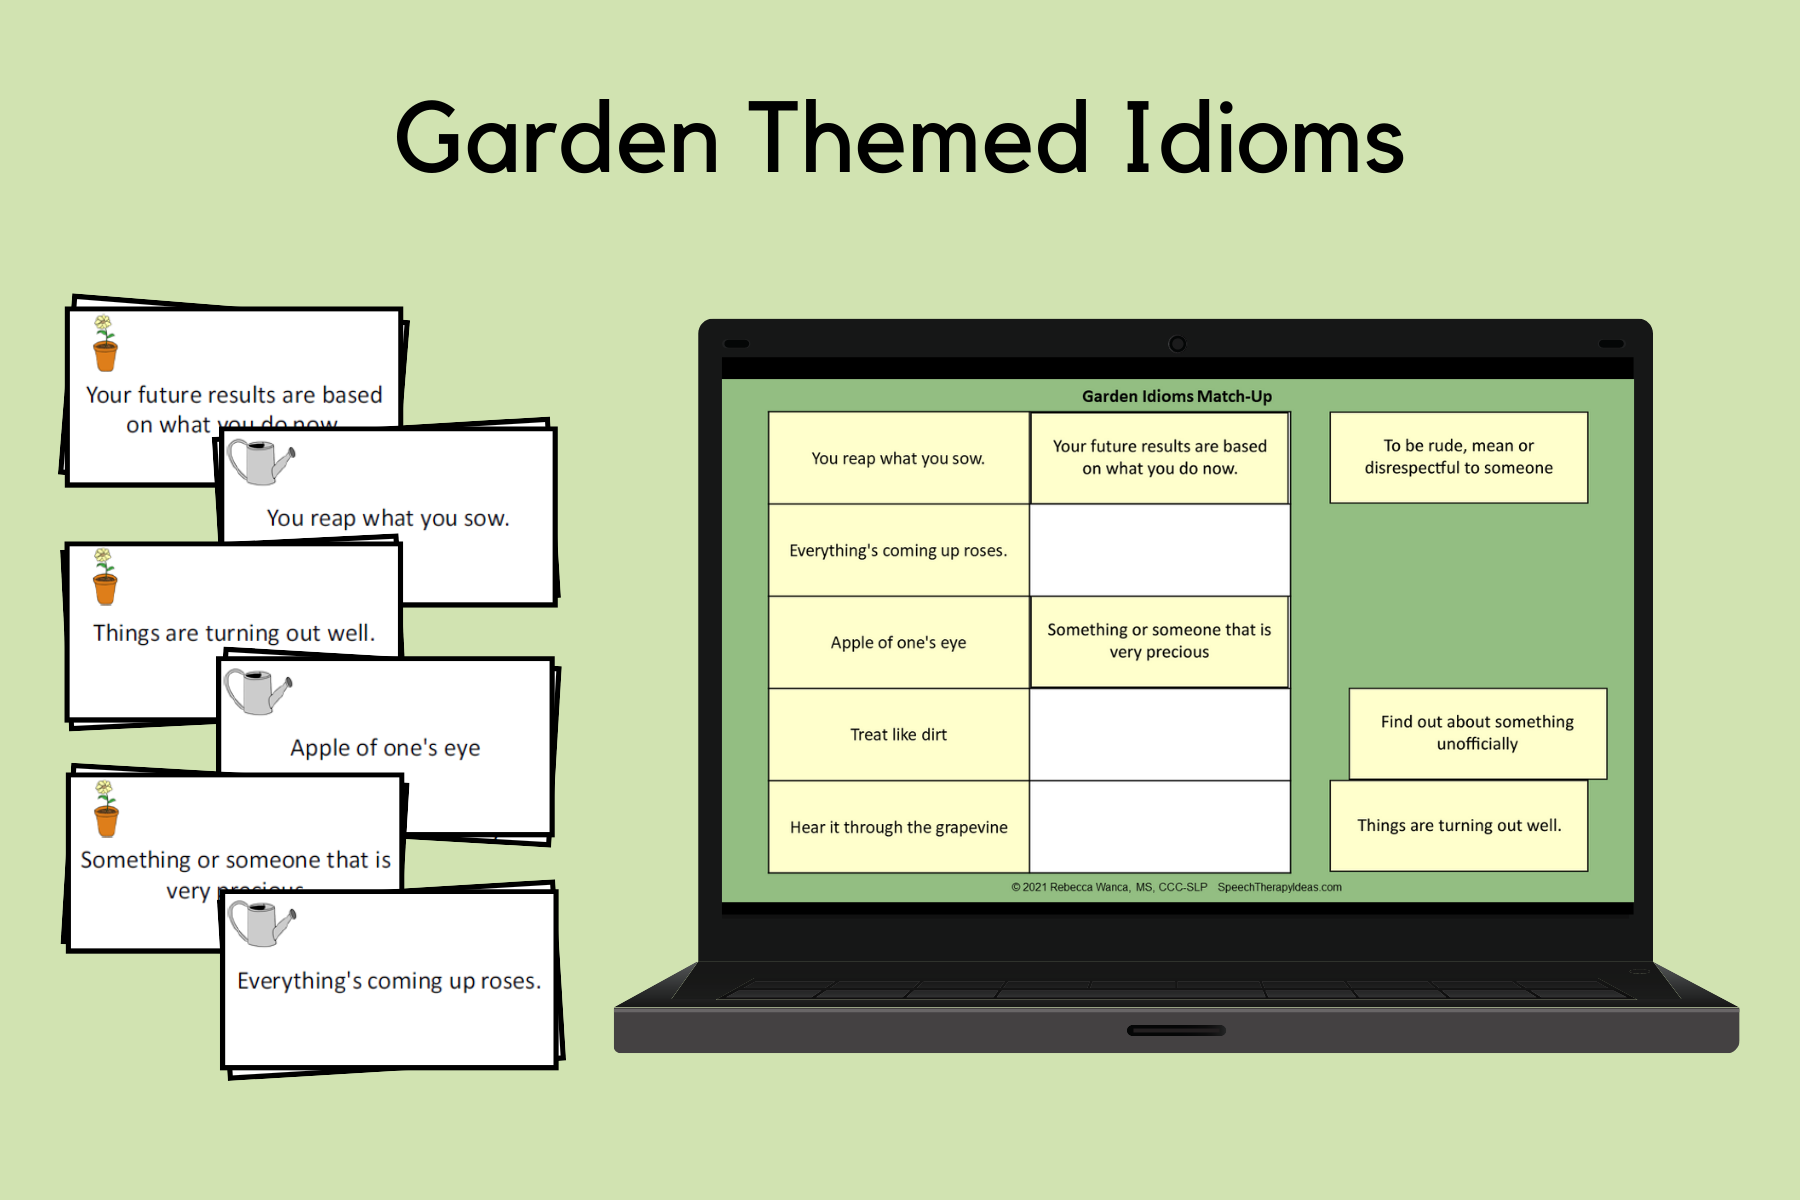 Garden Themed Idioms